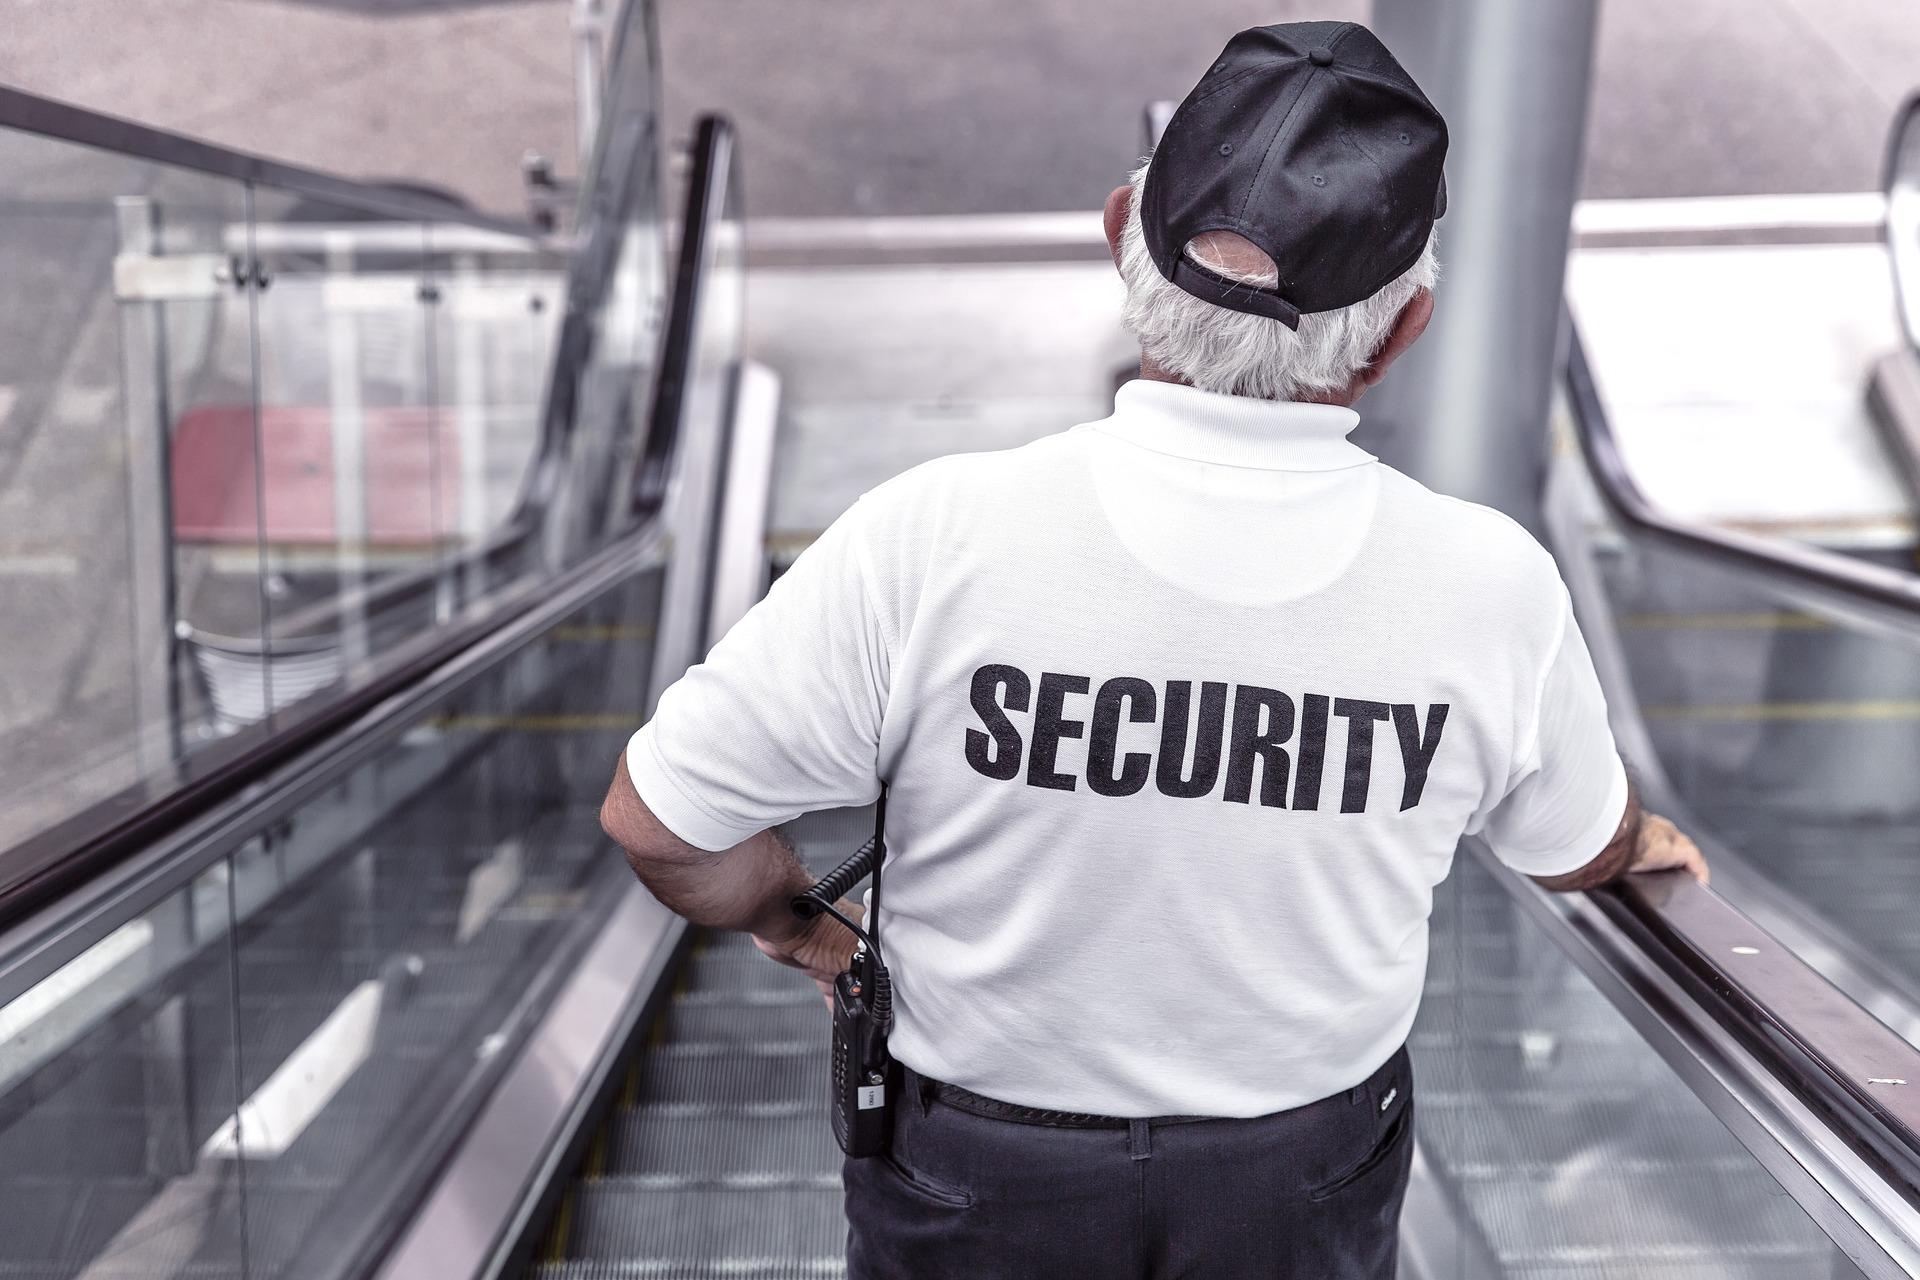 L'insécurité au travail, une réalité pour 1 Français sur 3